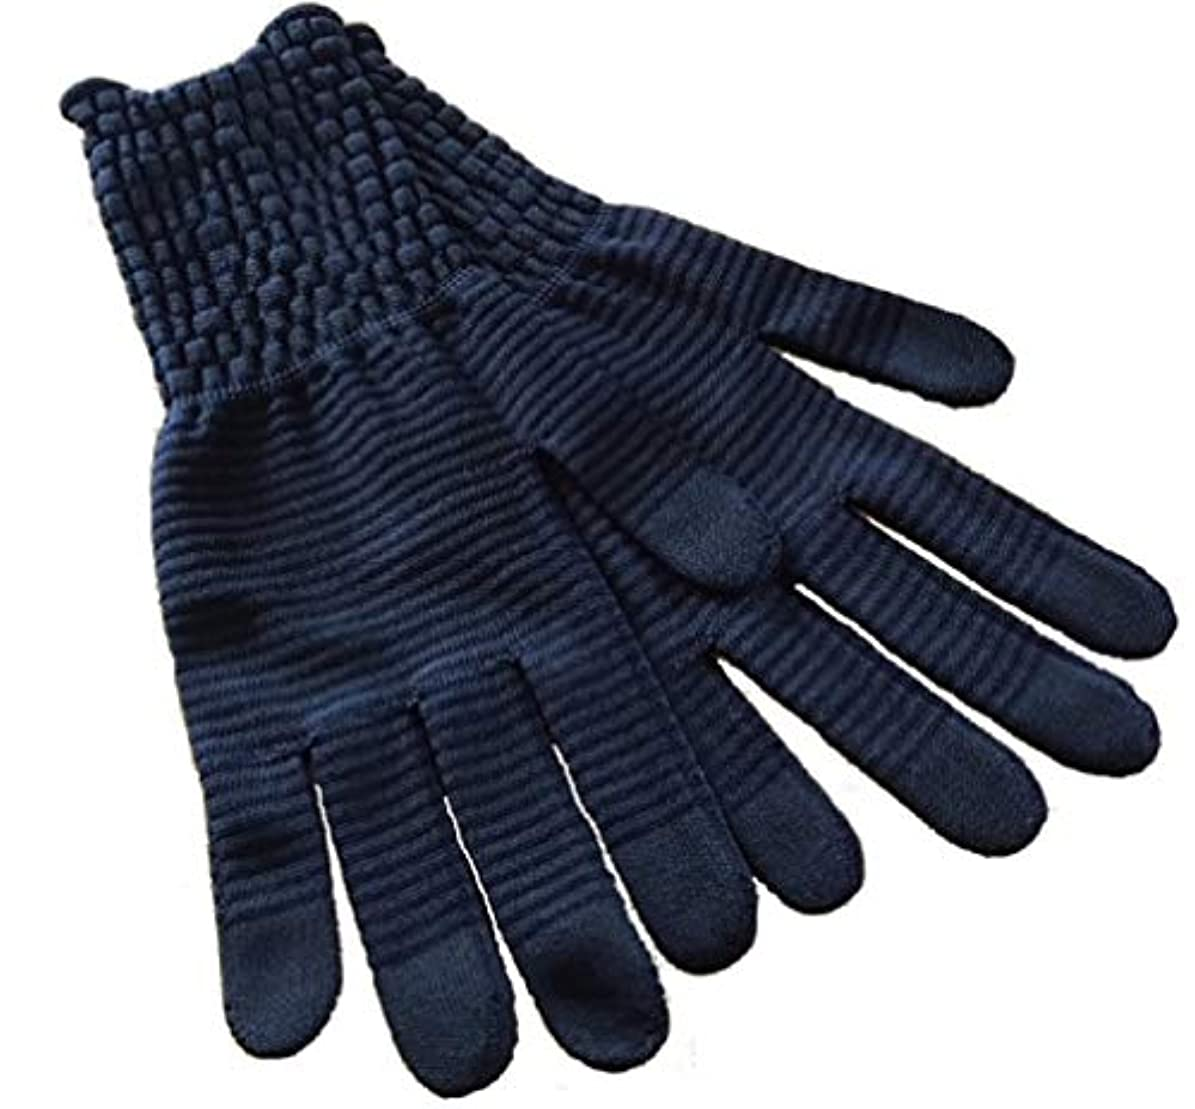 撤回する理論的たまに2双セット モイストコート 004 タッチ コラーゲン手袋